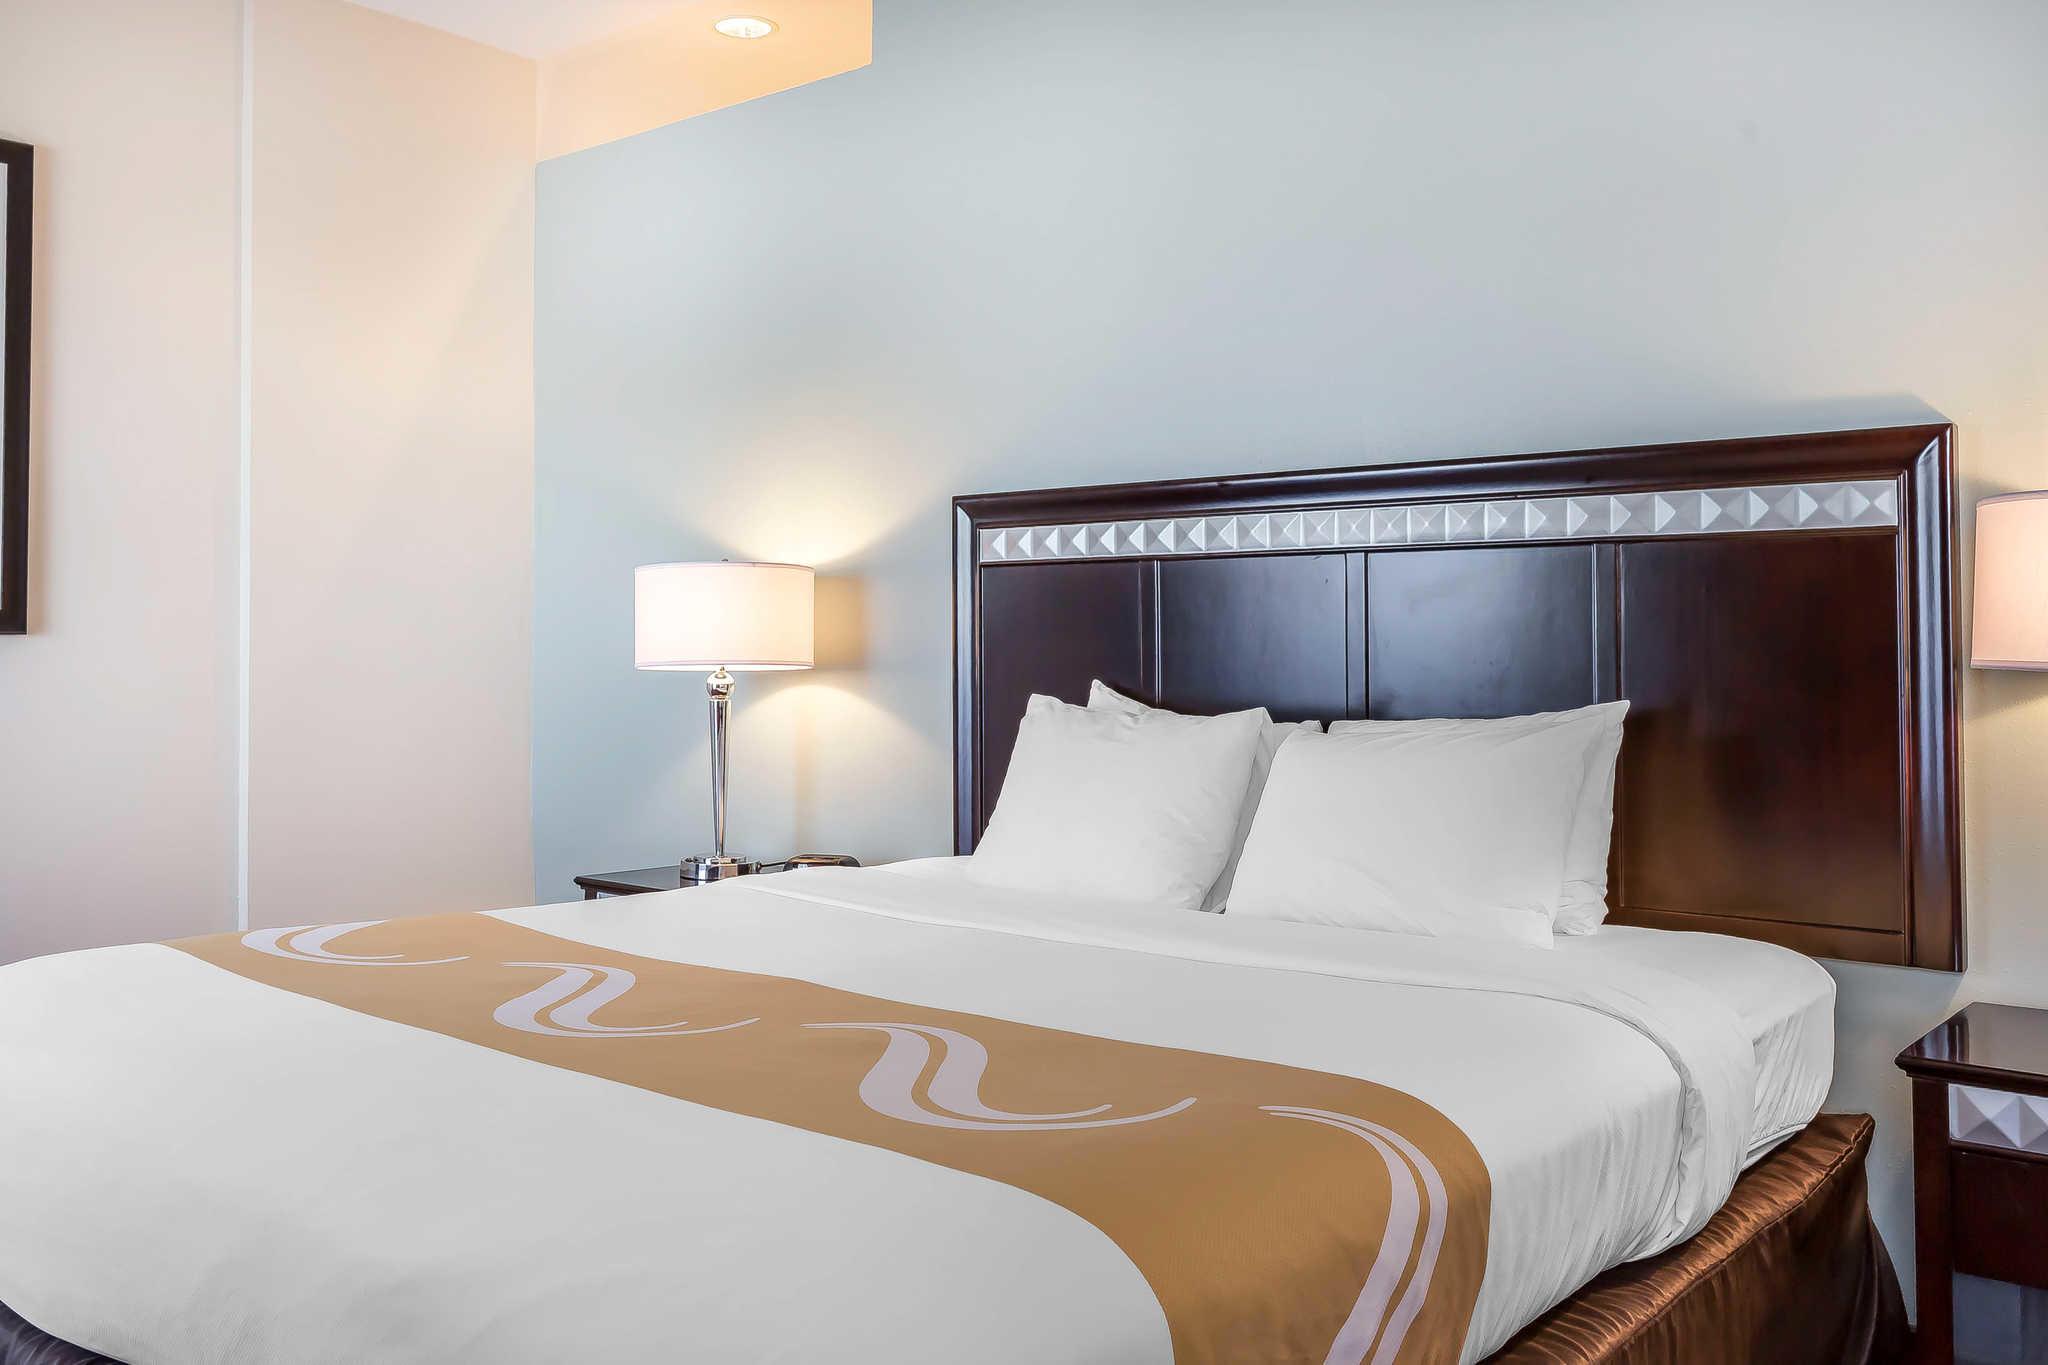 Quality Inn & Suites Irvine Spectrum image 36